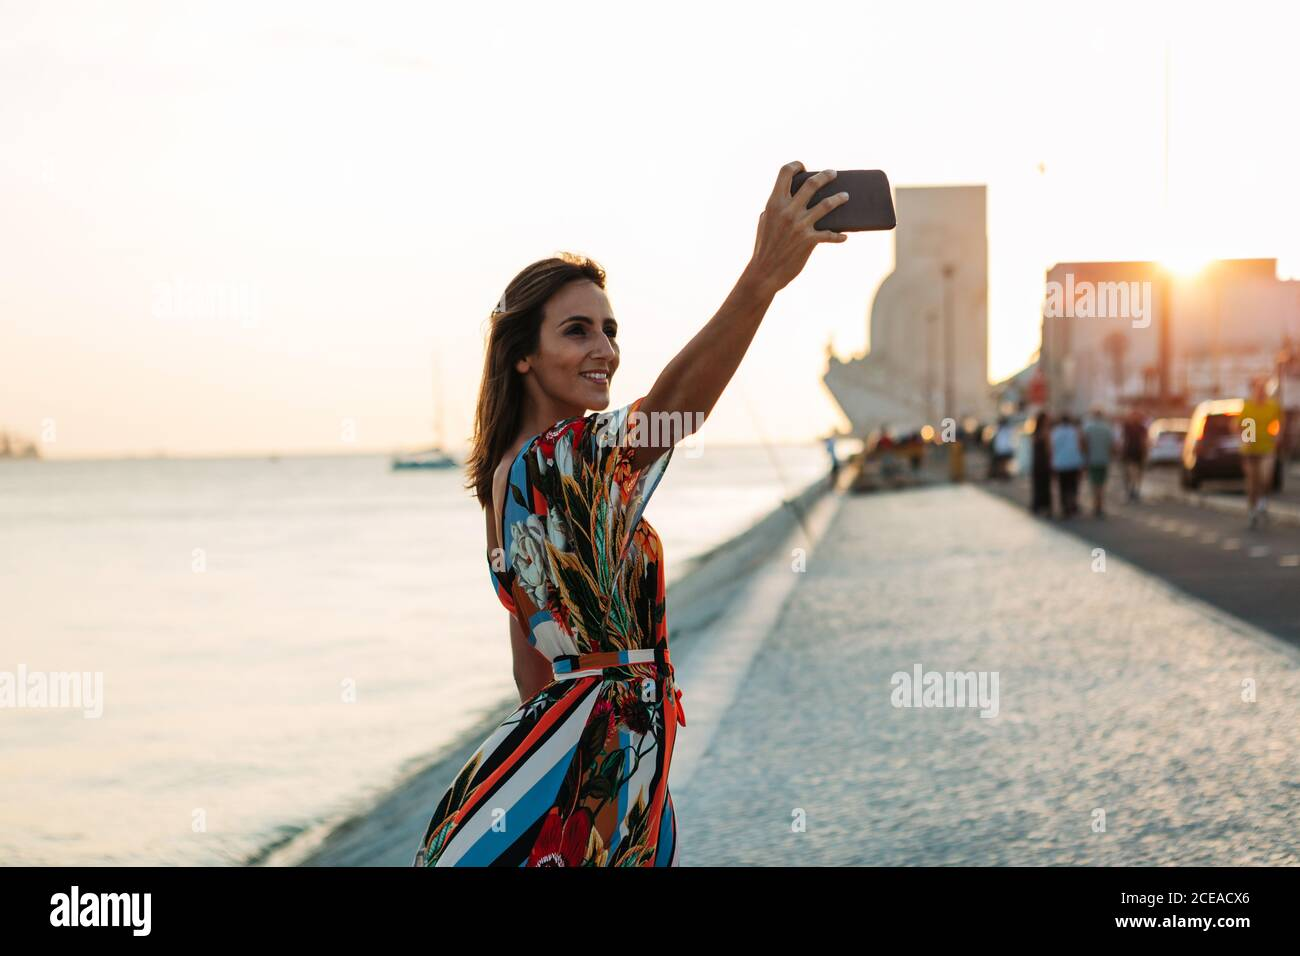 Content Frau in Kleid mit Telefon und Selfie auf Strandpromenade bei Sonnenuntergang Stockfoto